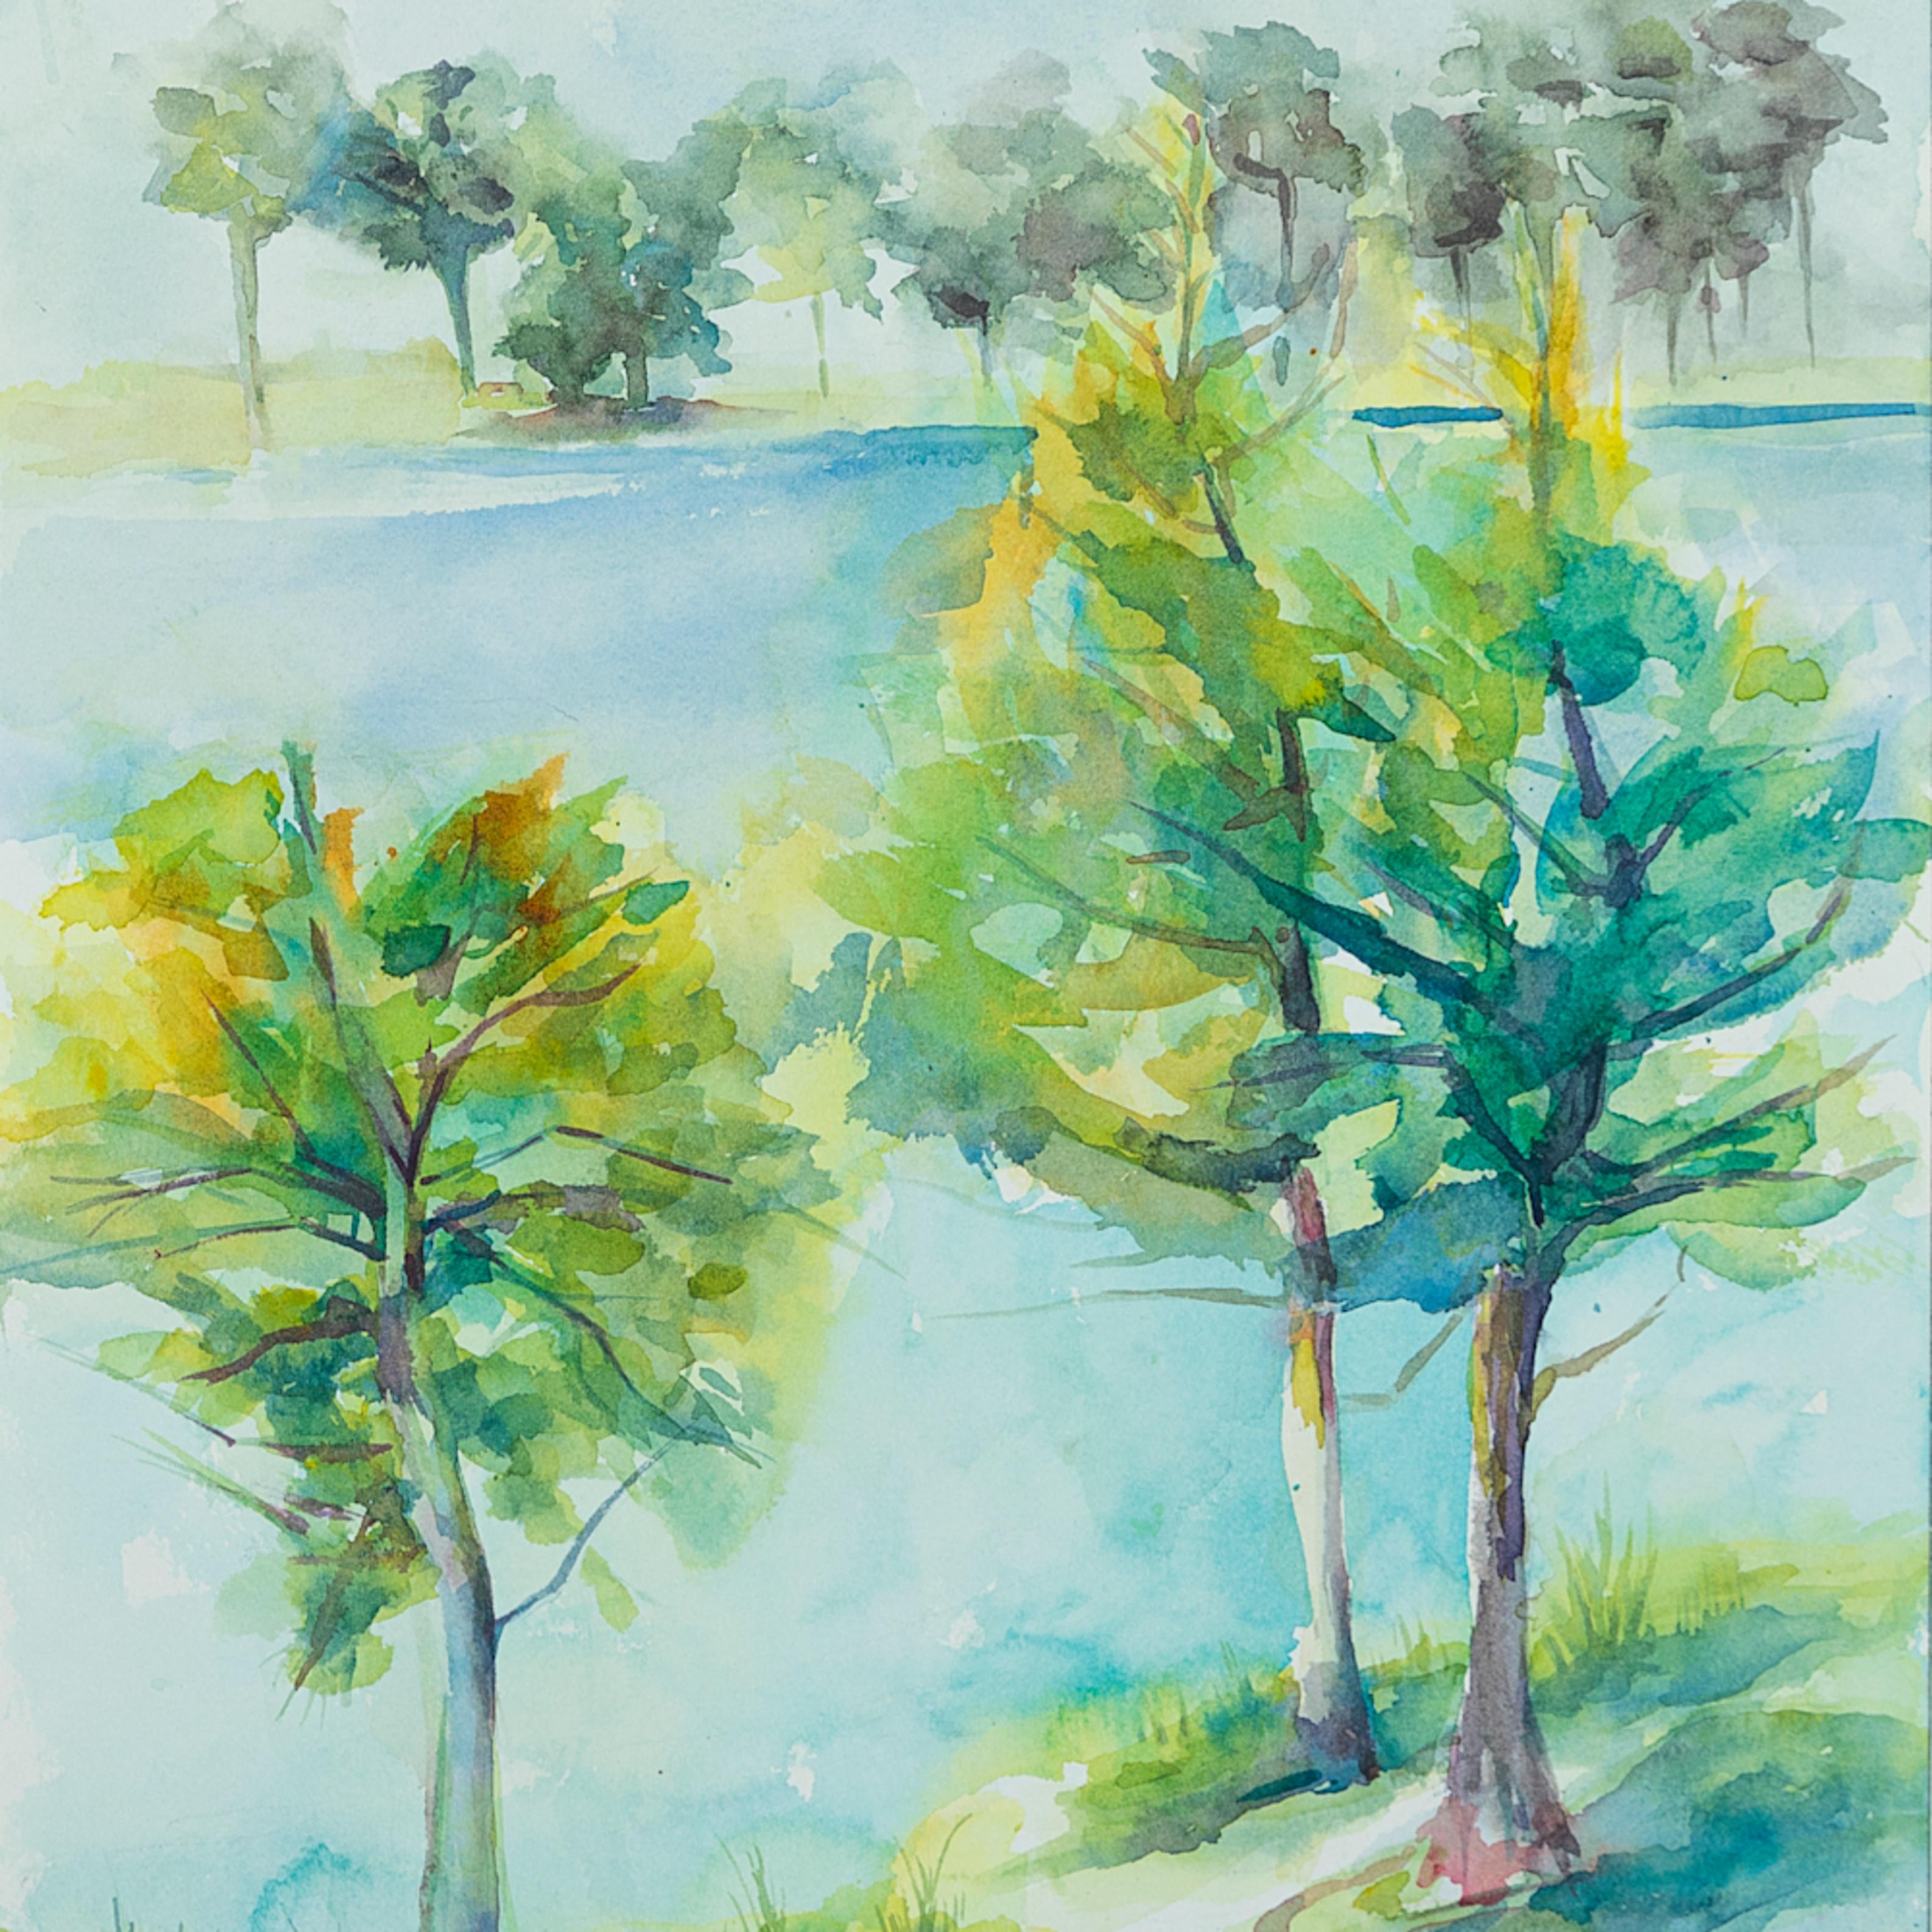 Lakeside trees qbo3ow